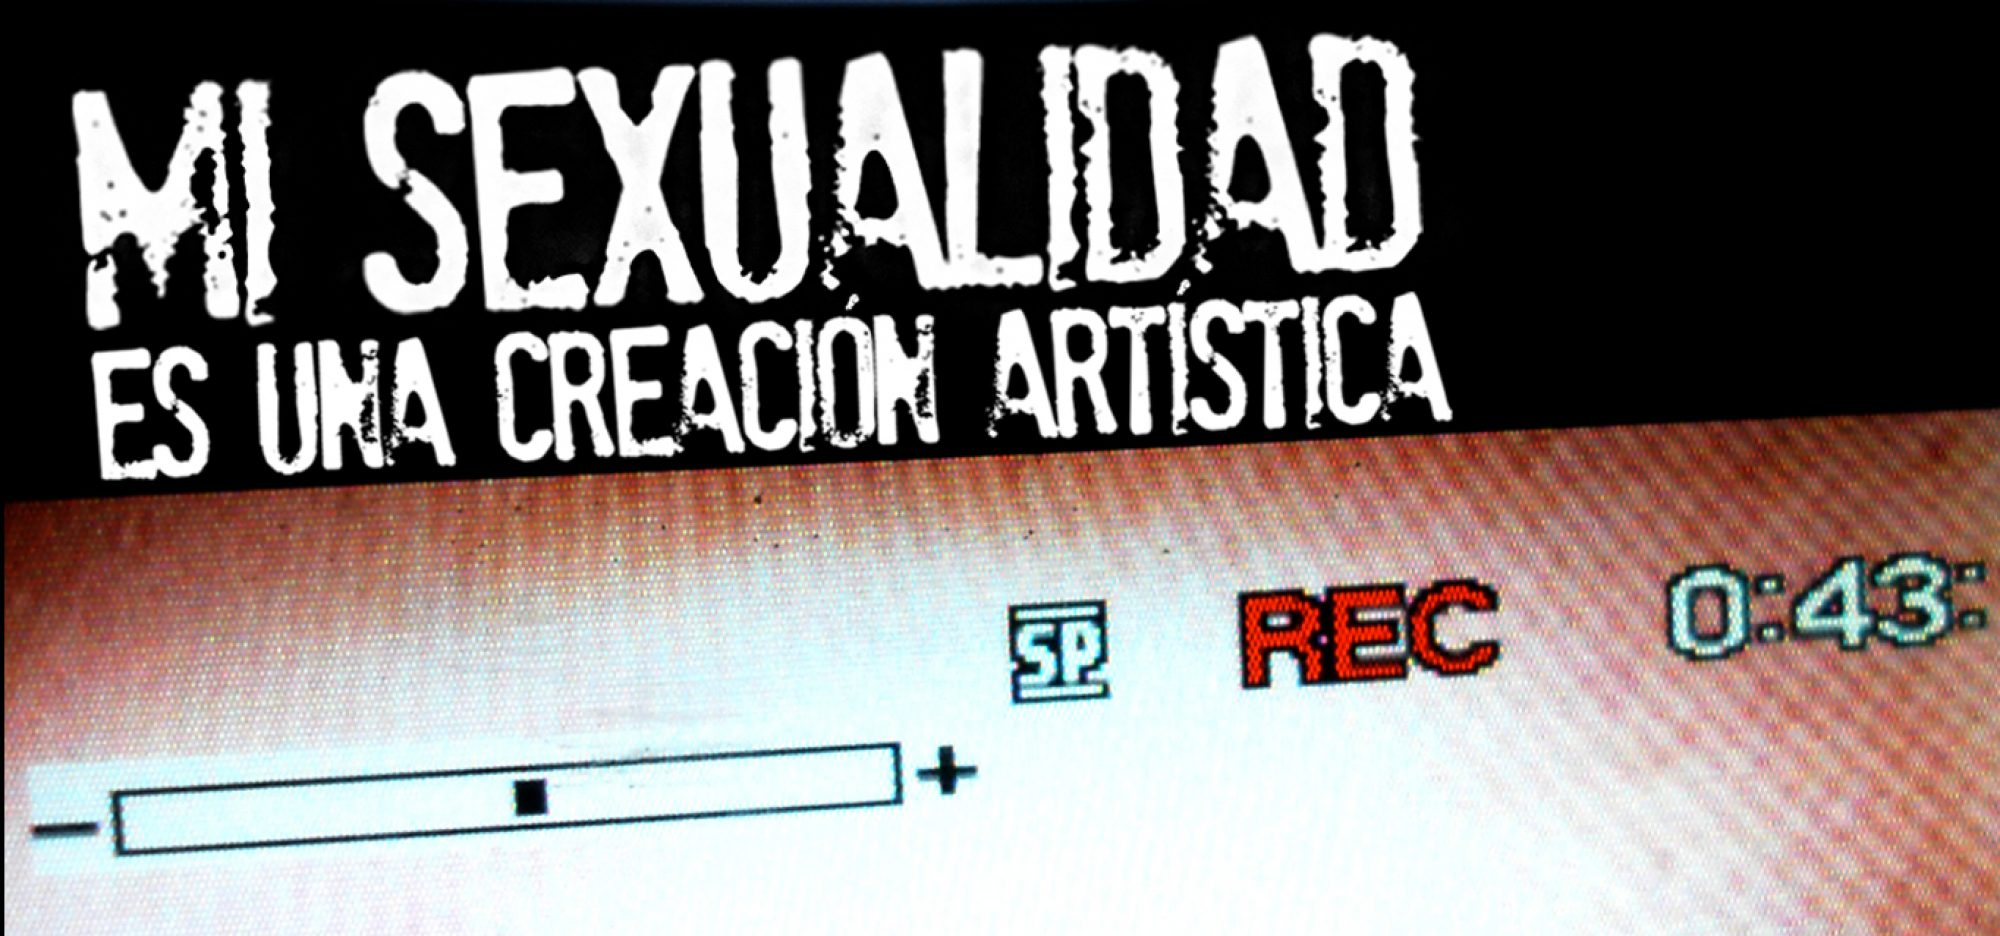 Mi sexualidad es una creación artística